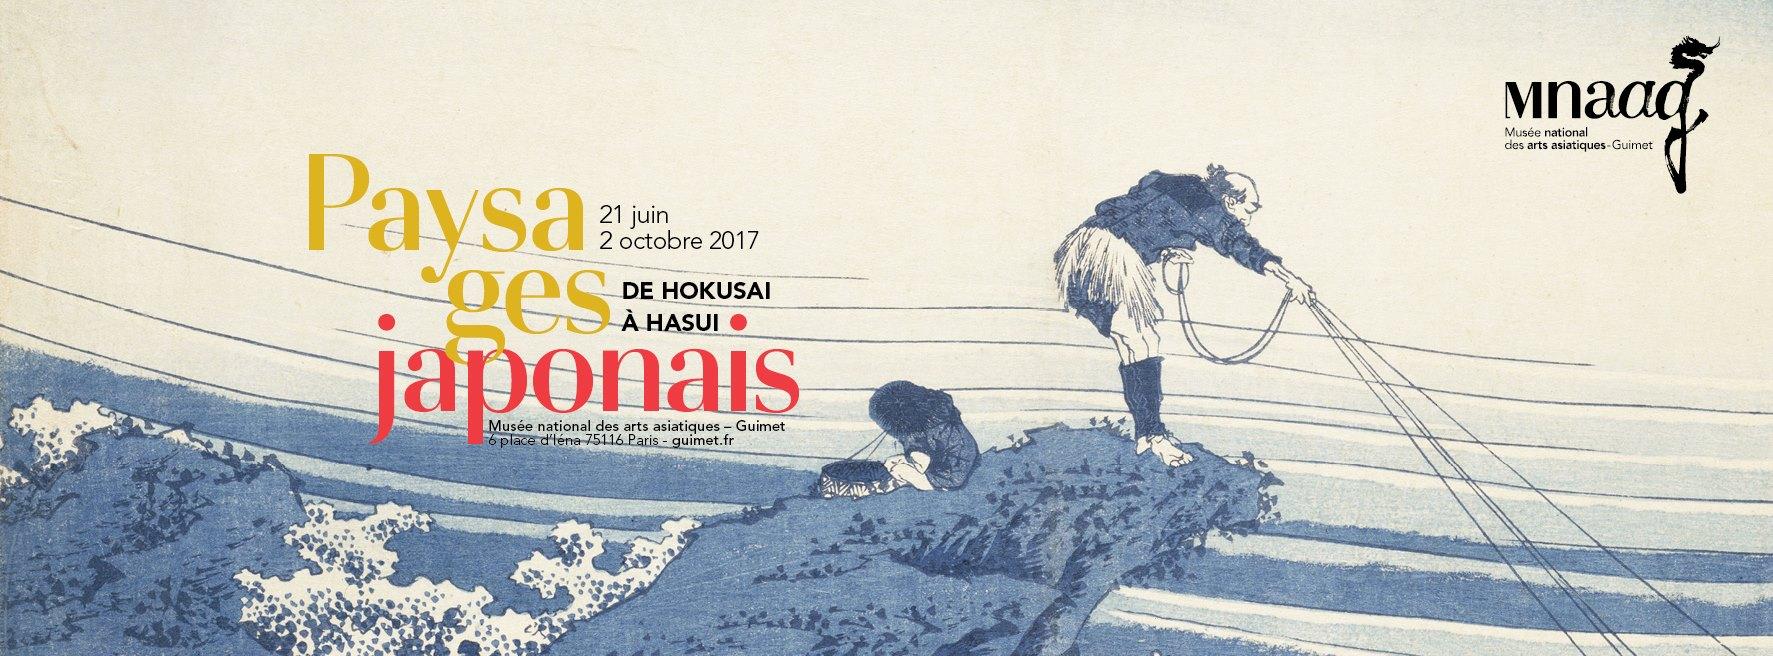 «Paysages japonais», la bonne idée sortie sur Paris